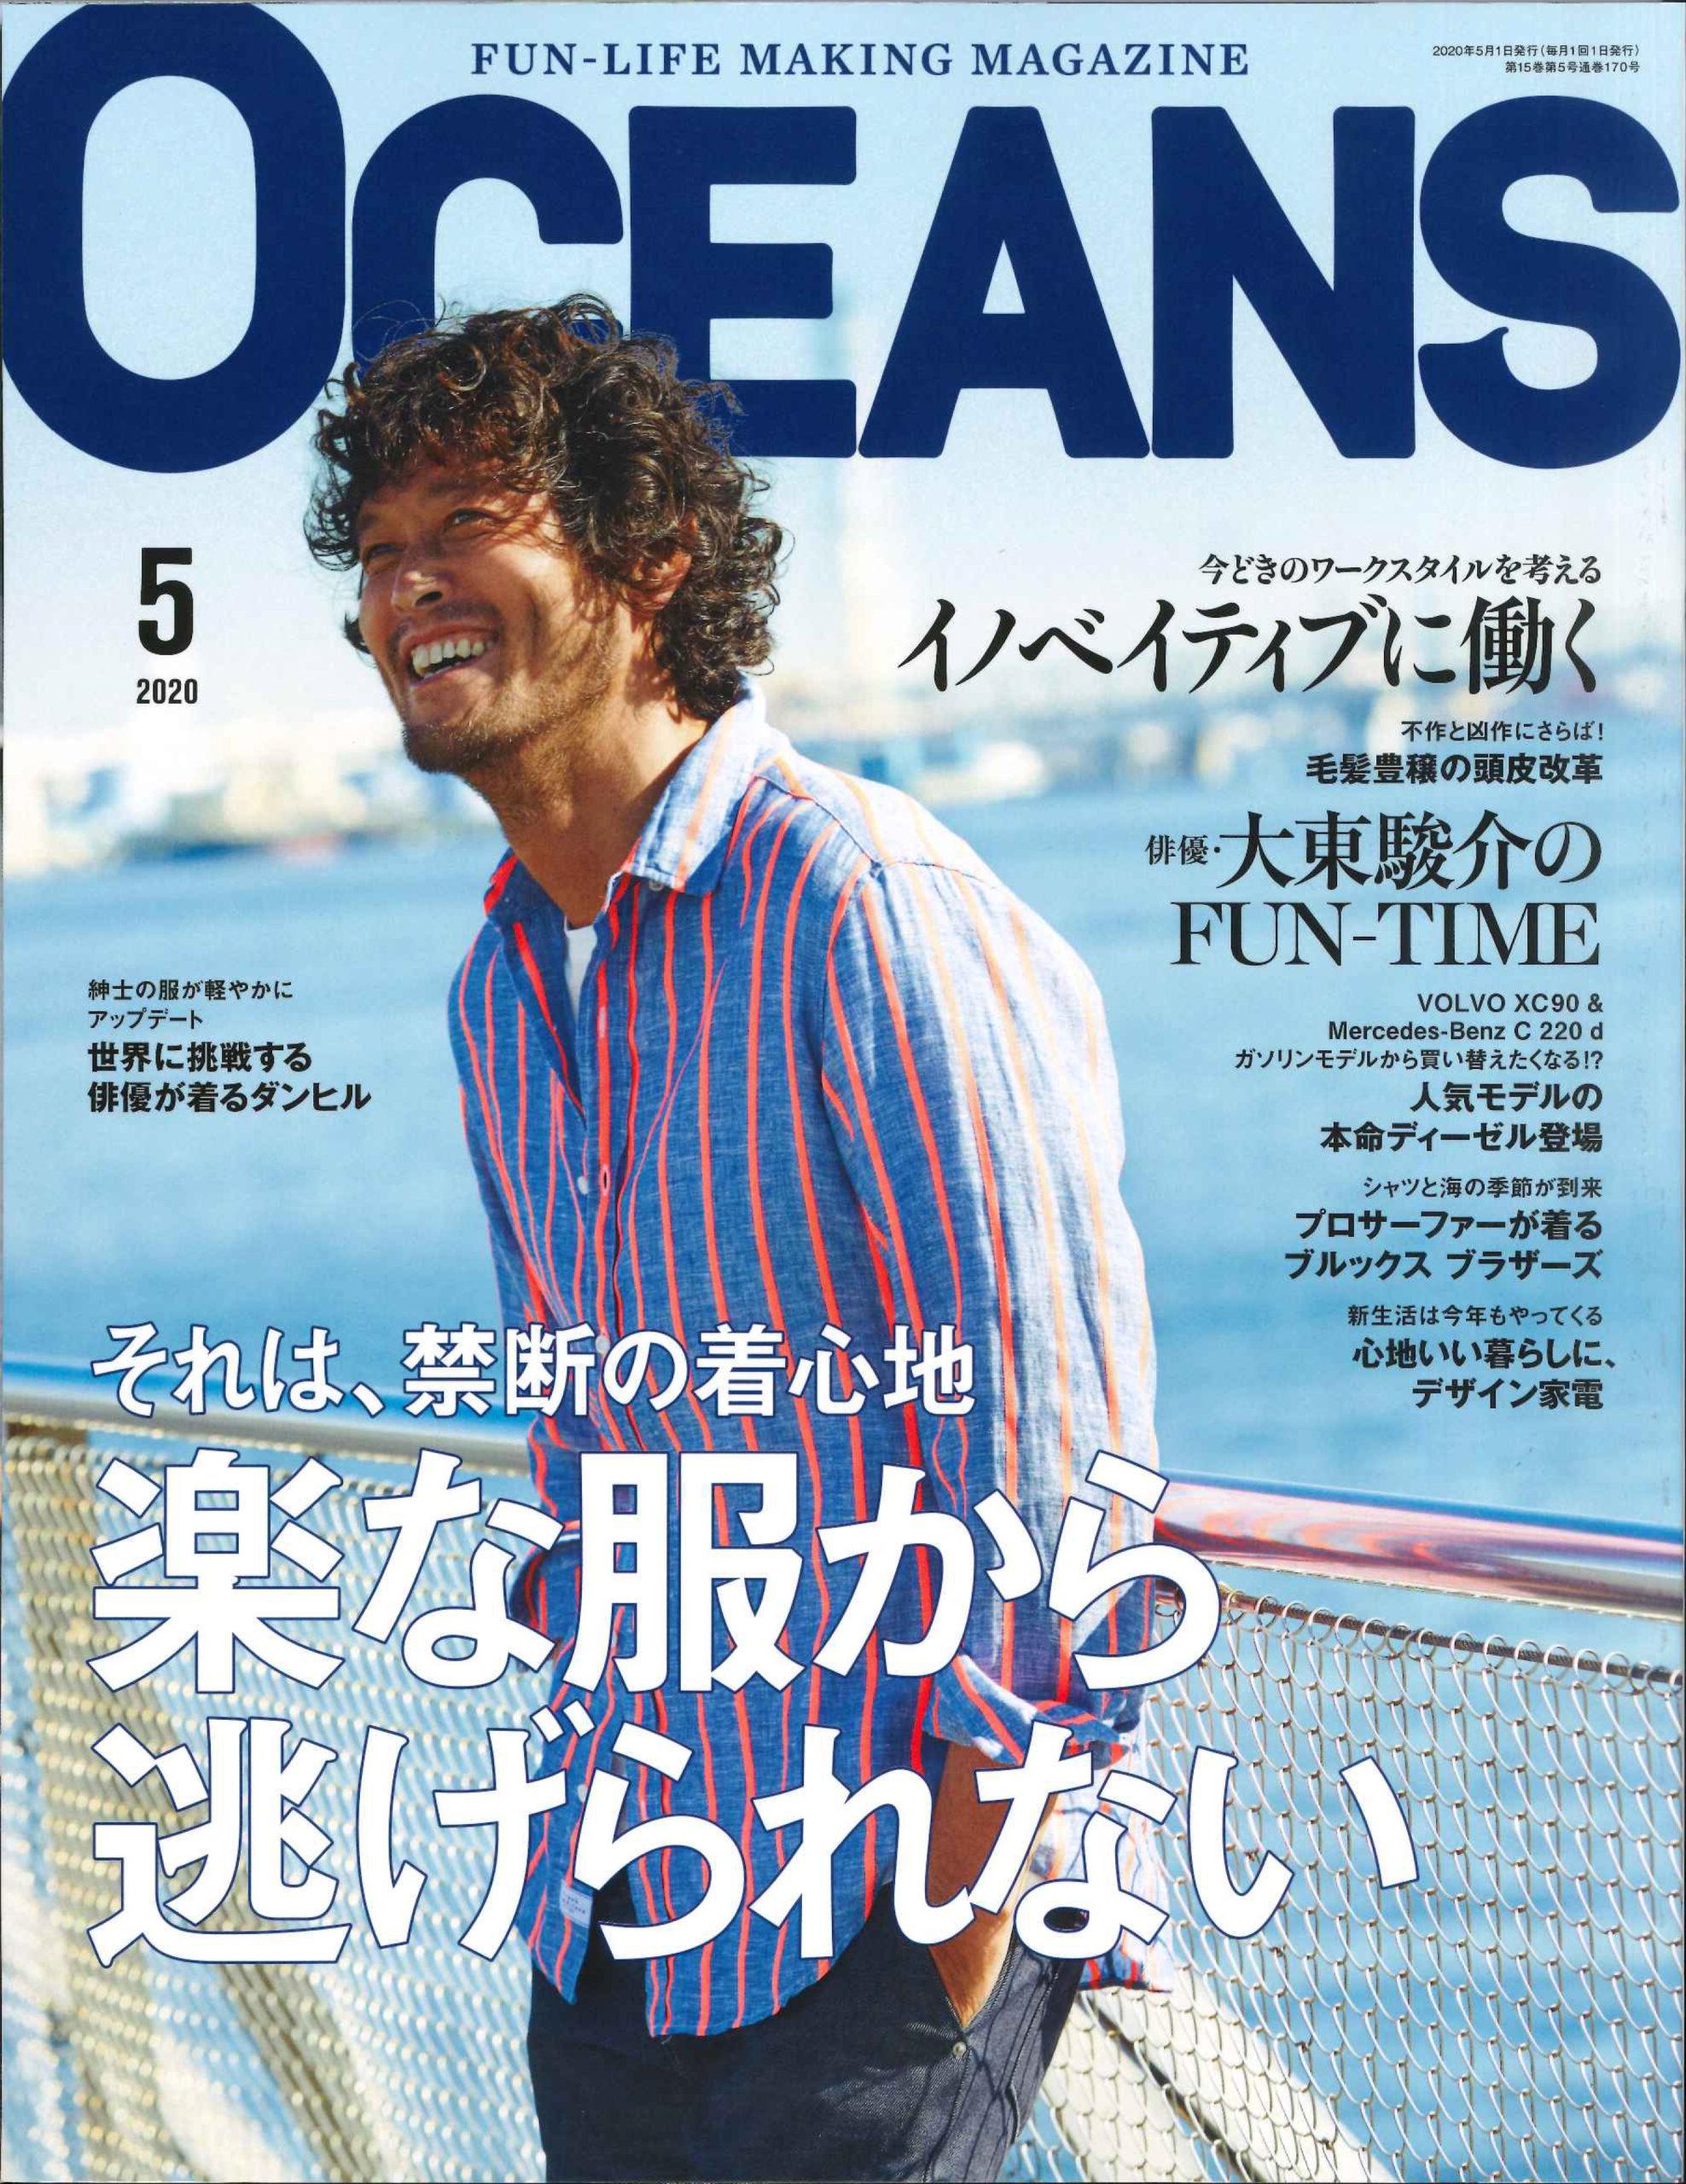 OCEANS 5月号にP.I.D 撥水レザー Ecrireシリーズが掲載されました。